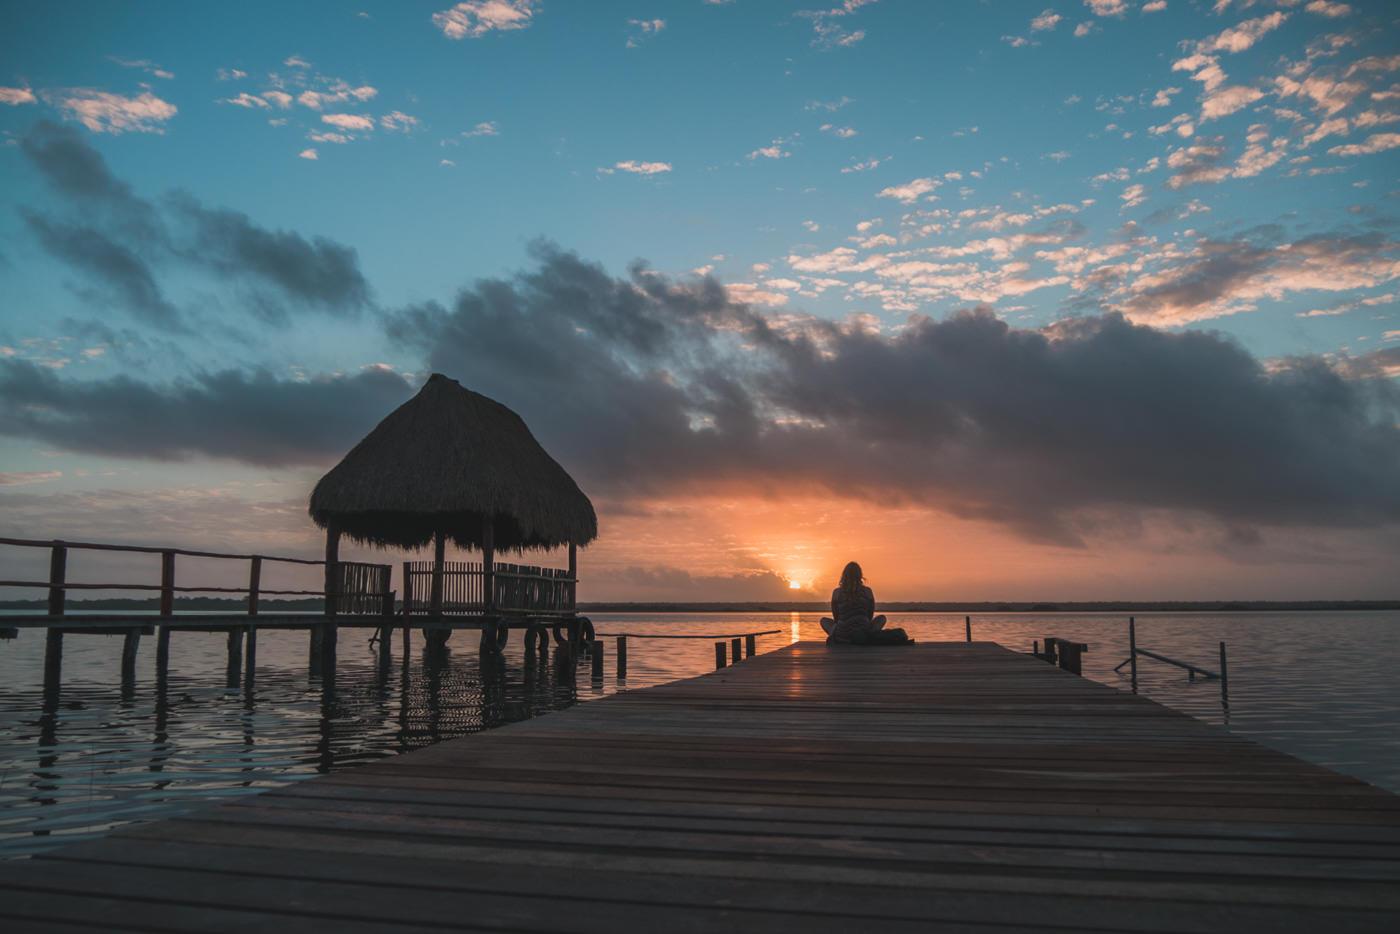 Julia waehrend des Sonnenaufgangs in der Lagune von Bacalar